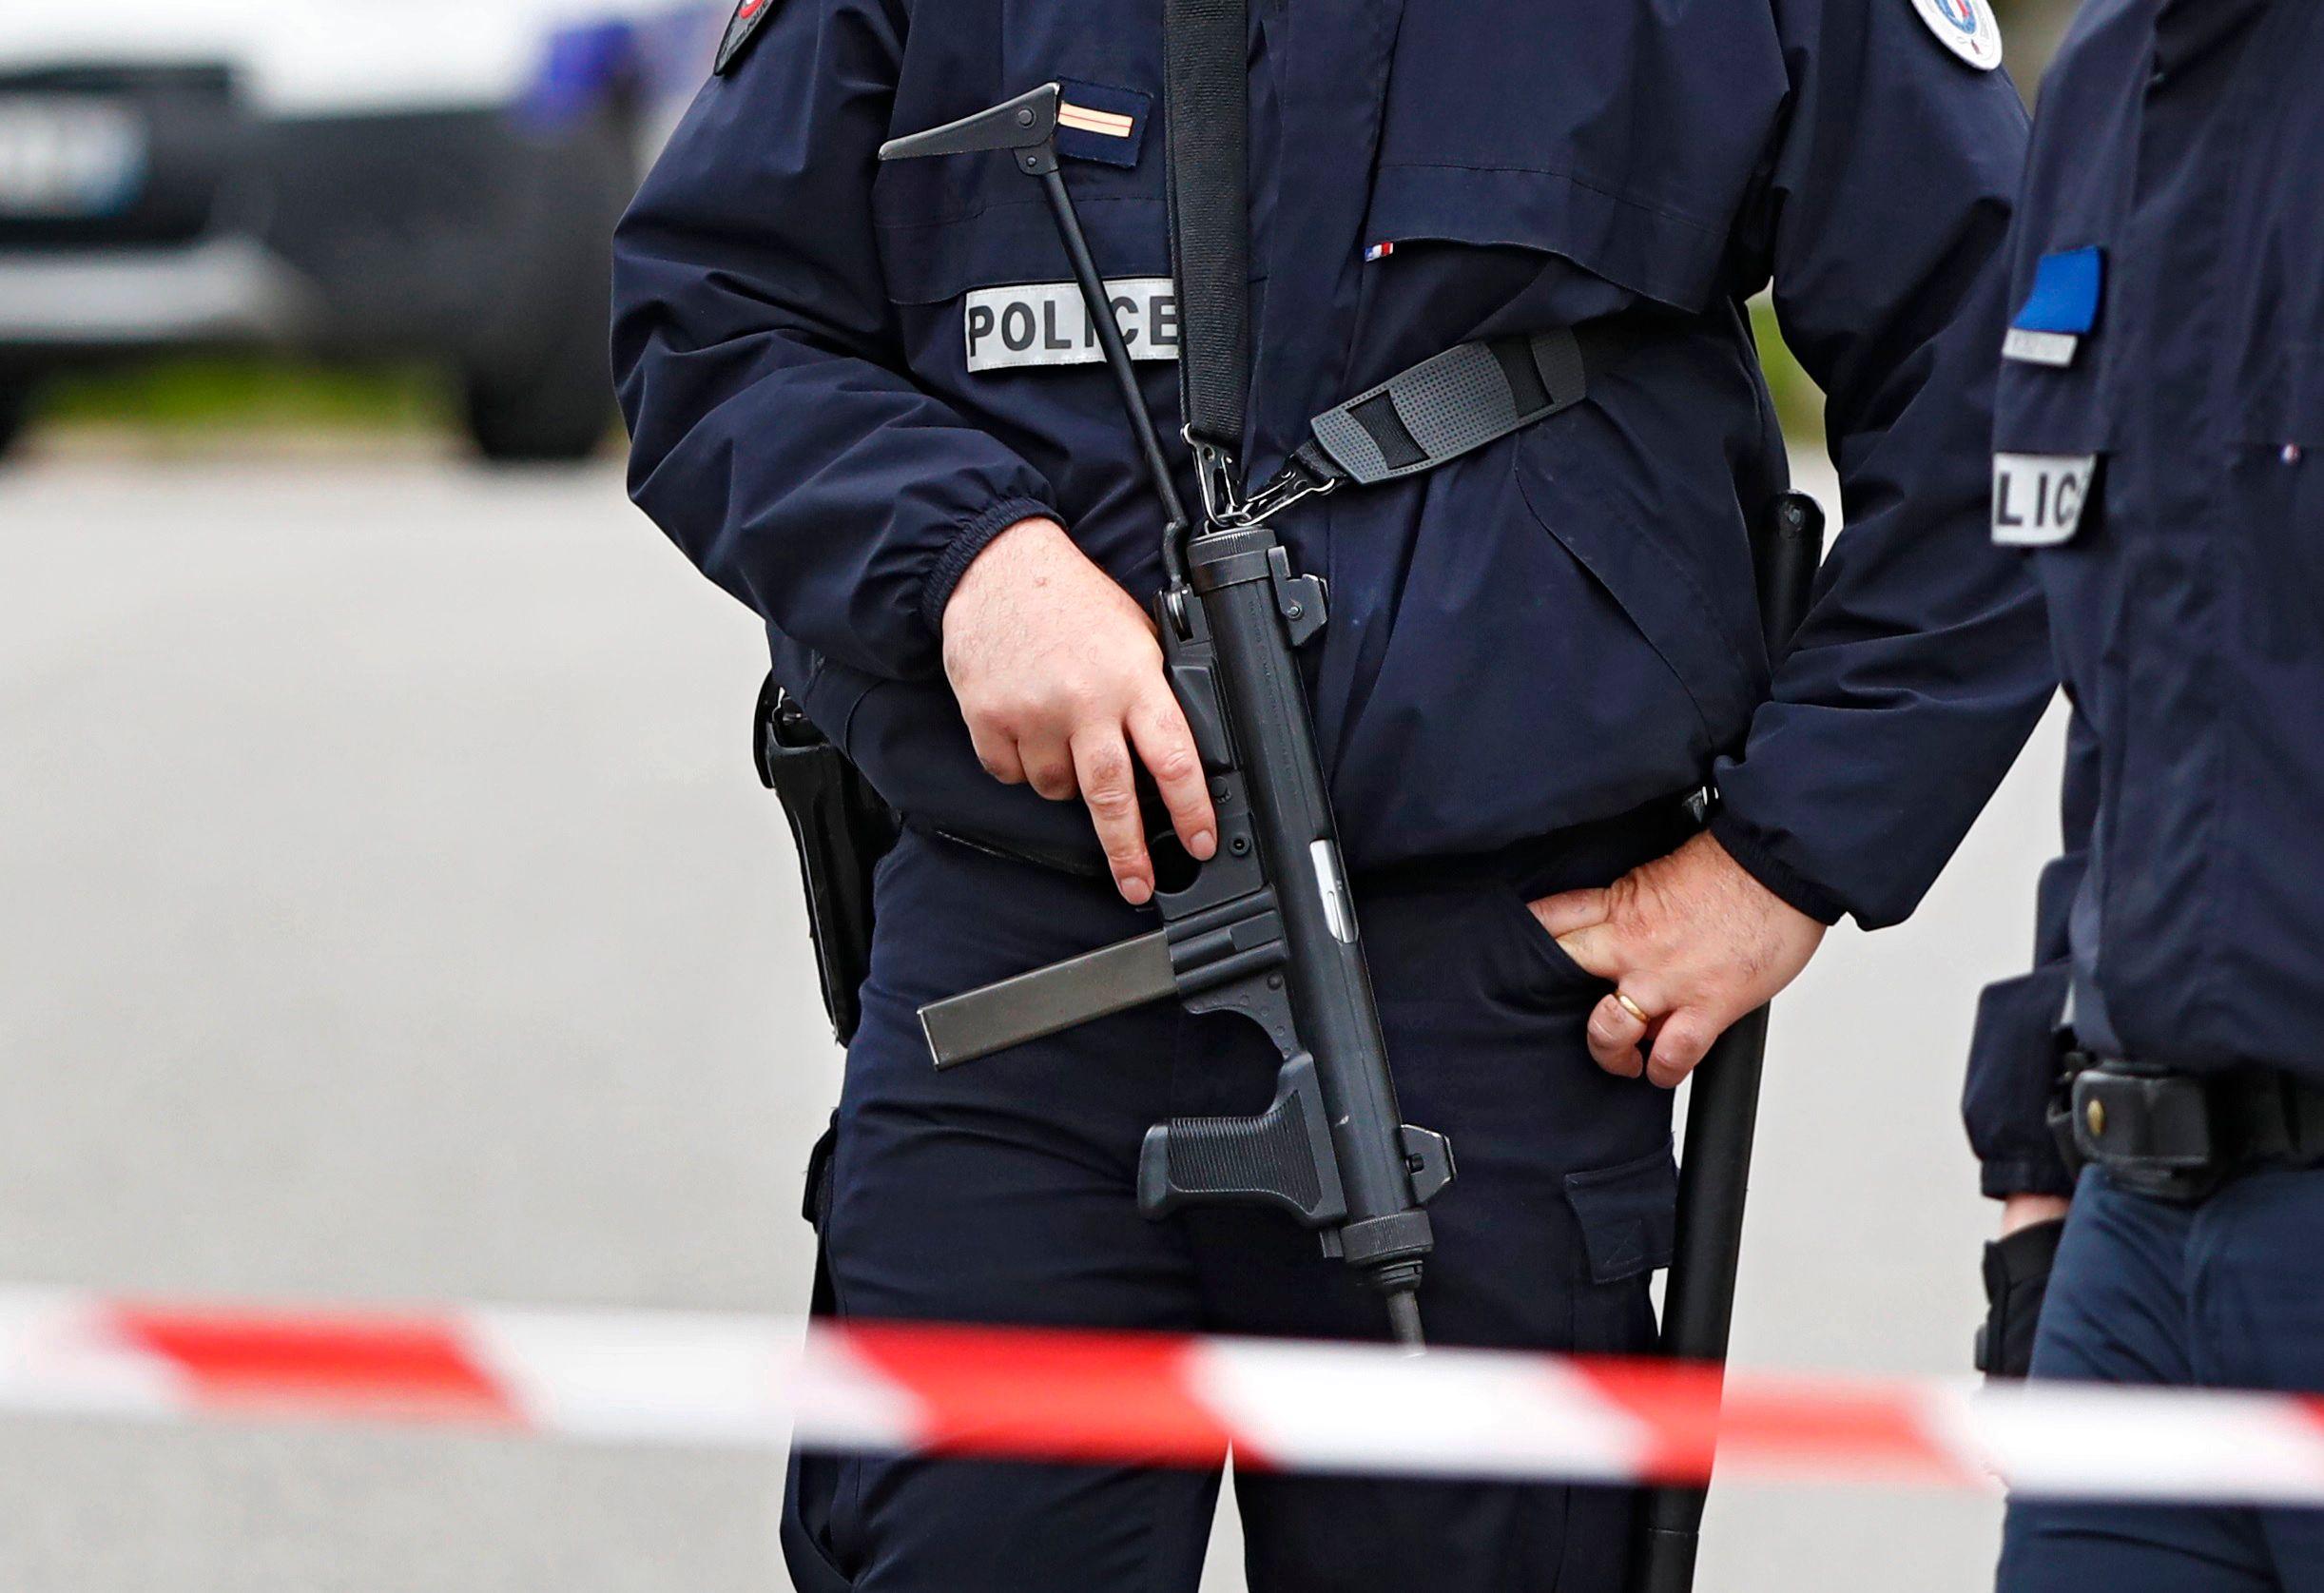 Menaces d'attentats: un collégien a été interpellé